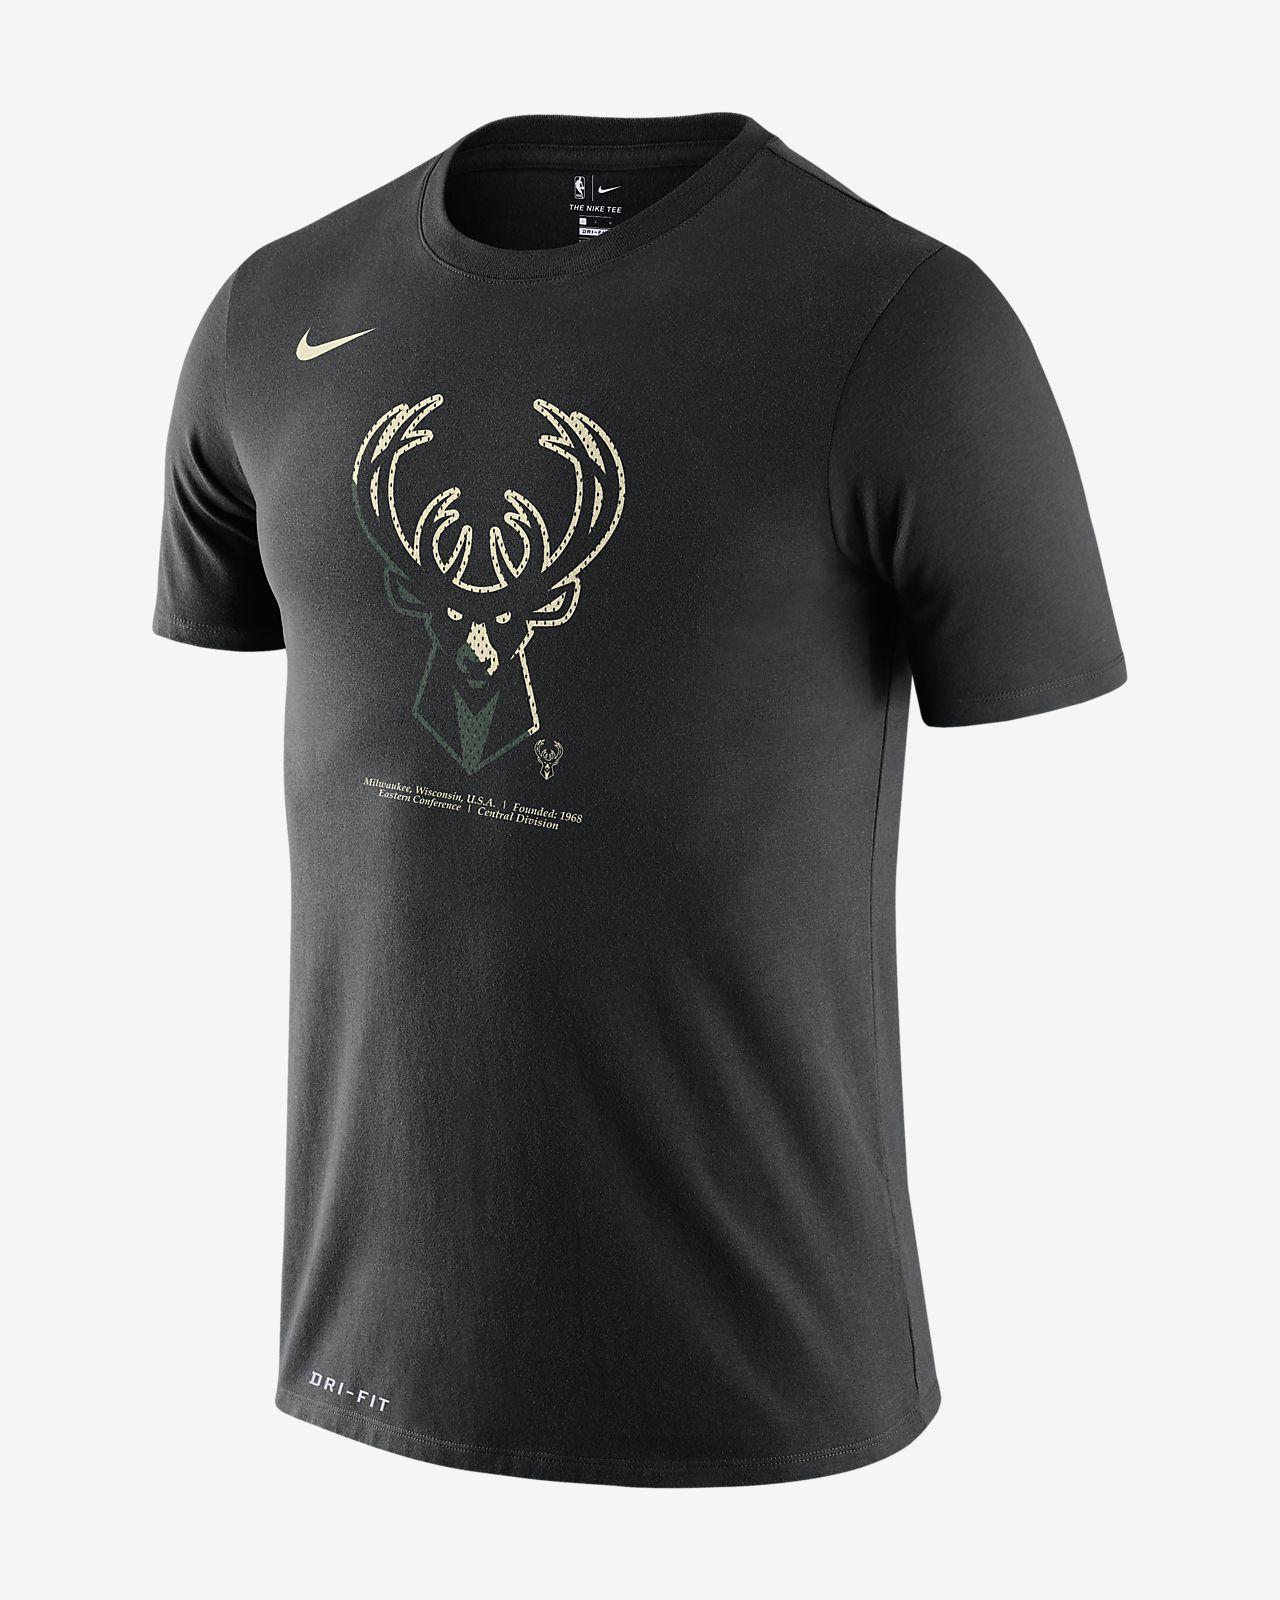 密尔沃基雄鹿队 Nike Dri-FITNBA 男子T恤